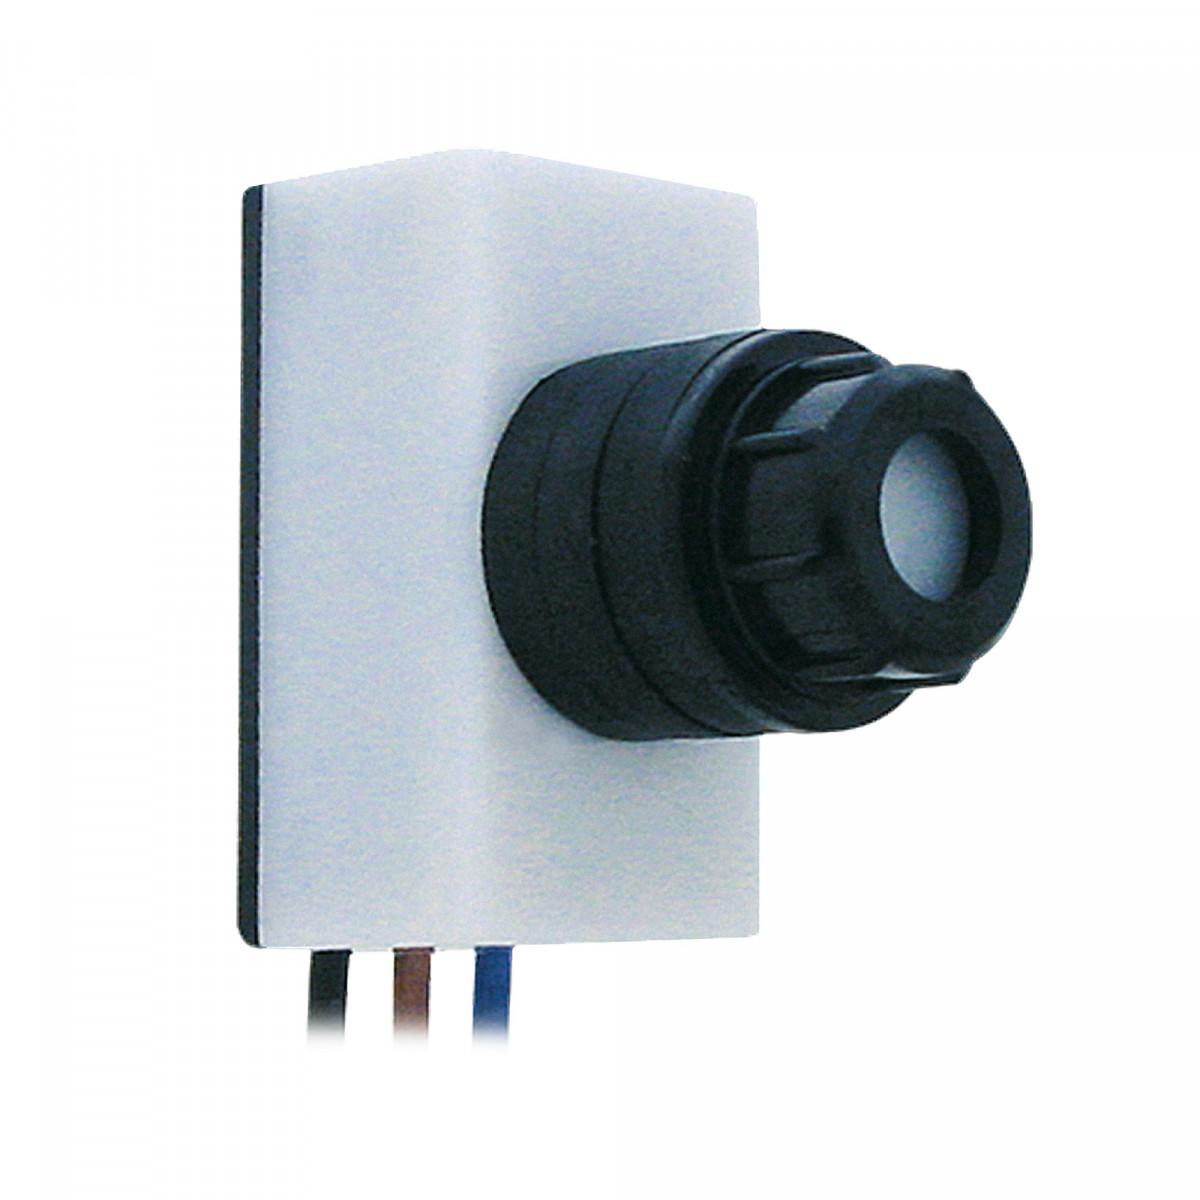 Schemerschakelaar inbouw (3627) - KS Verlichting - Losse Sensoren en Bewegingsmelders